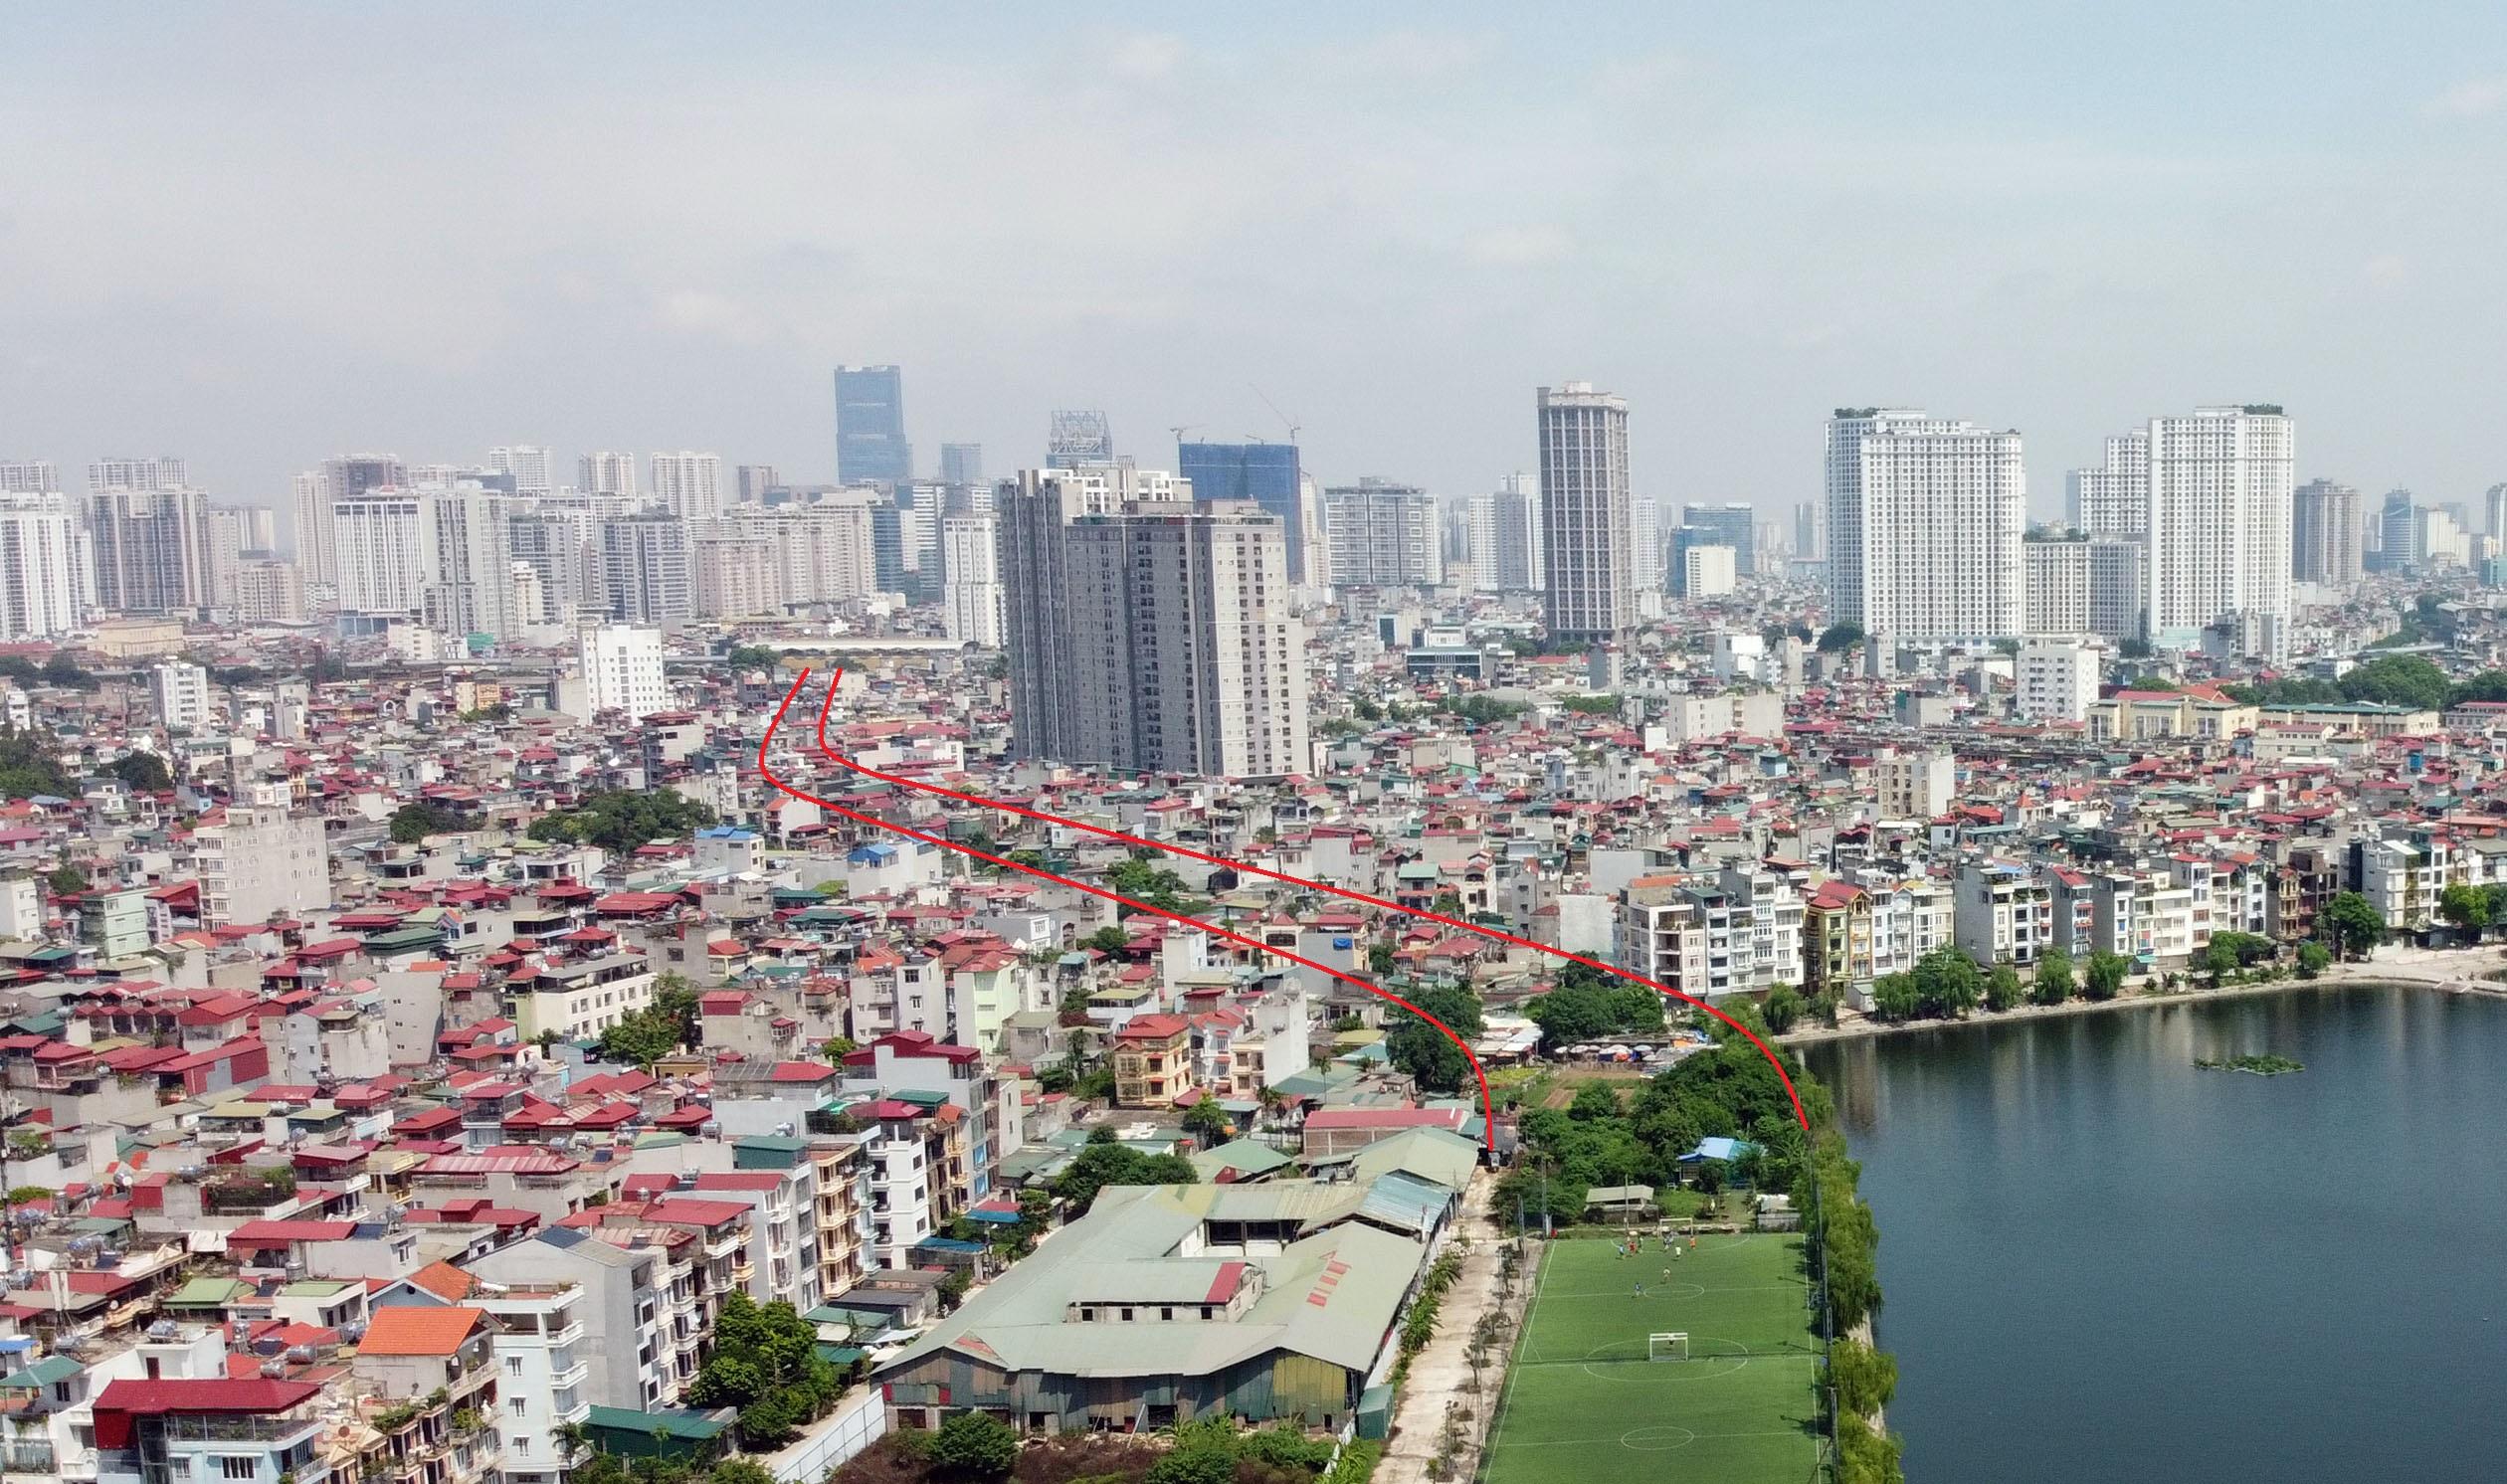 Kế hoạch sử dụng đất phường Khương Trung, Thanh Xuân, Hà Nội năm 2021 - Ảnh 1.